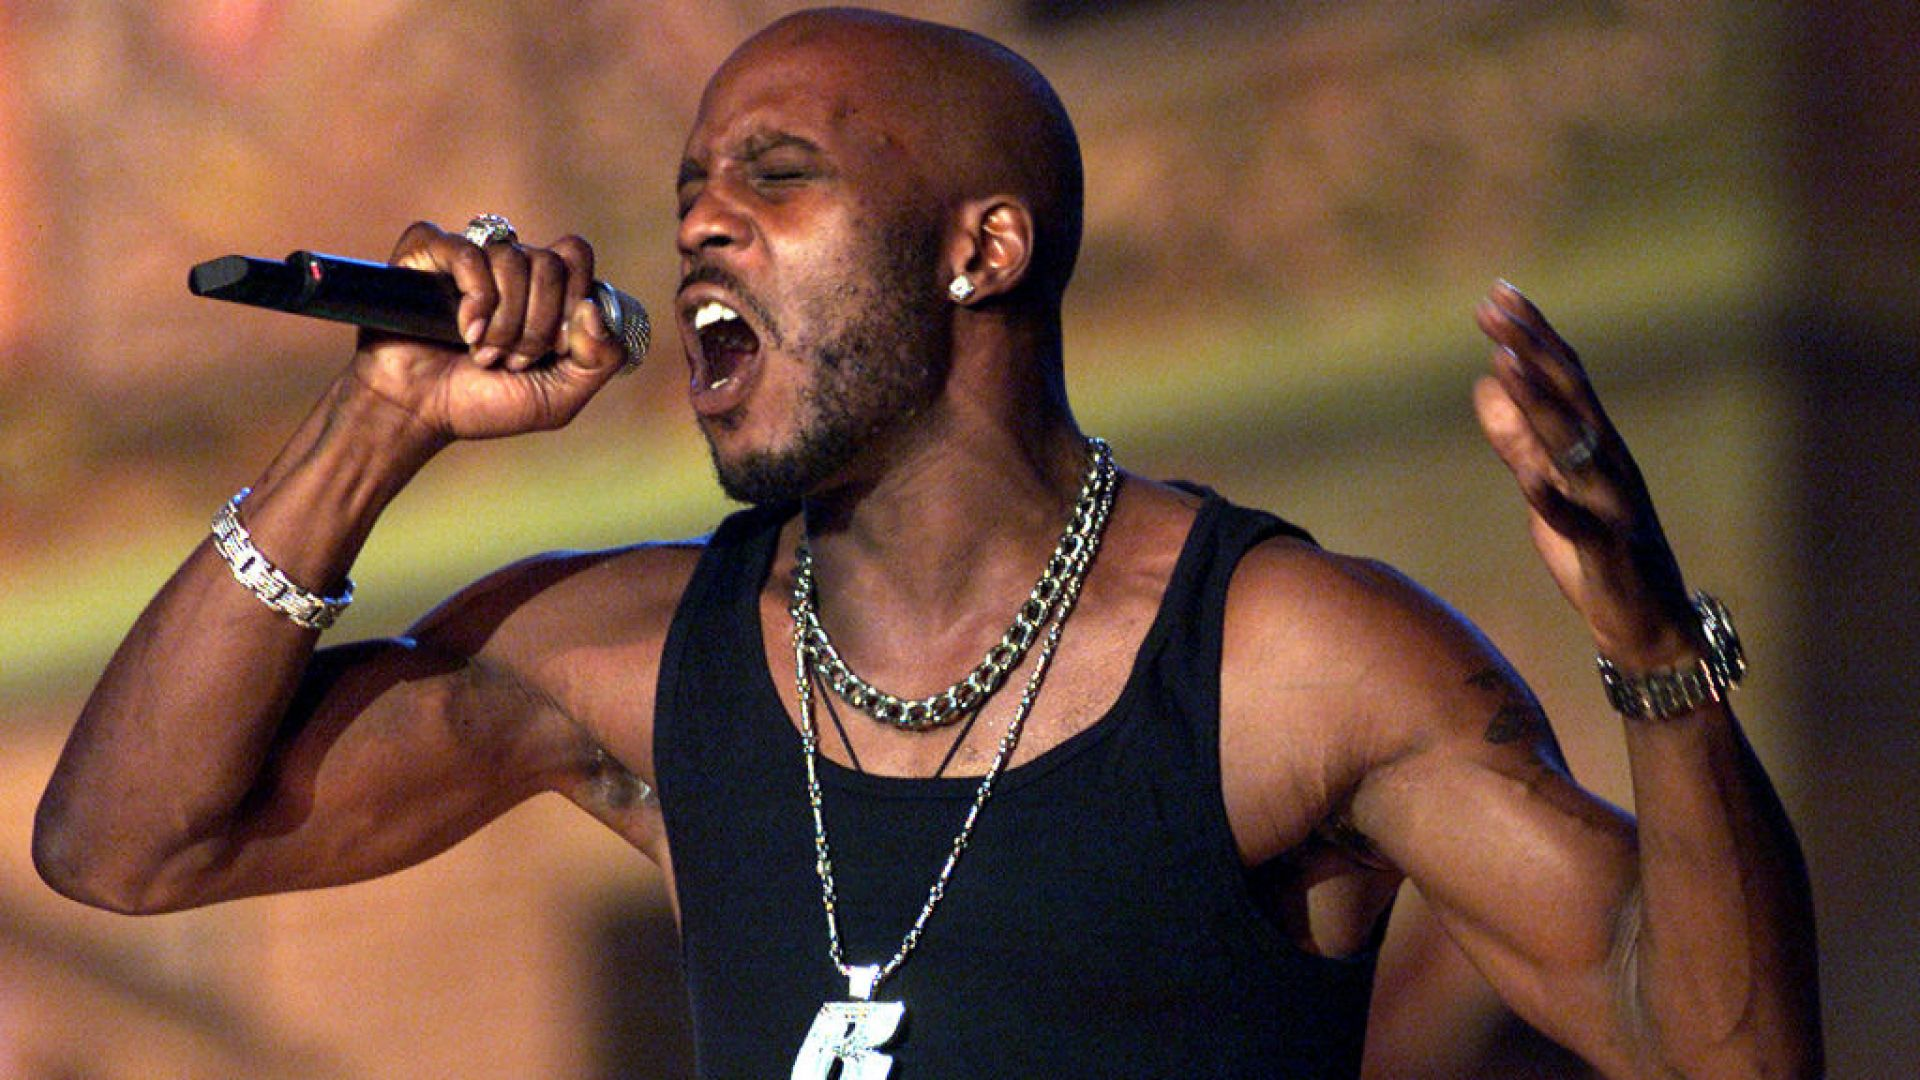 Проклятието на DMX: Как рап звездата стана жертва на дрогата